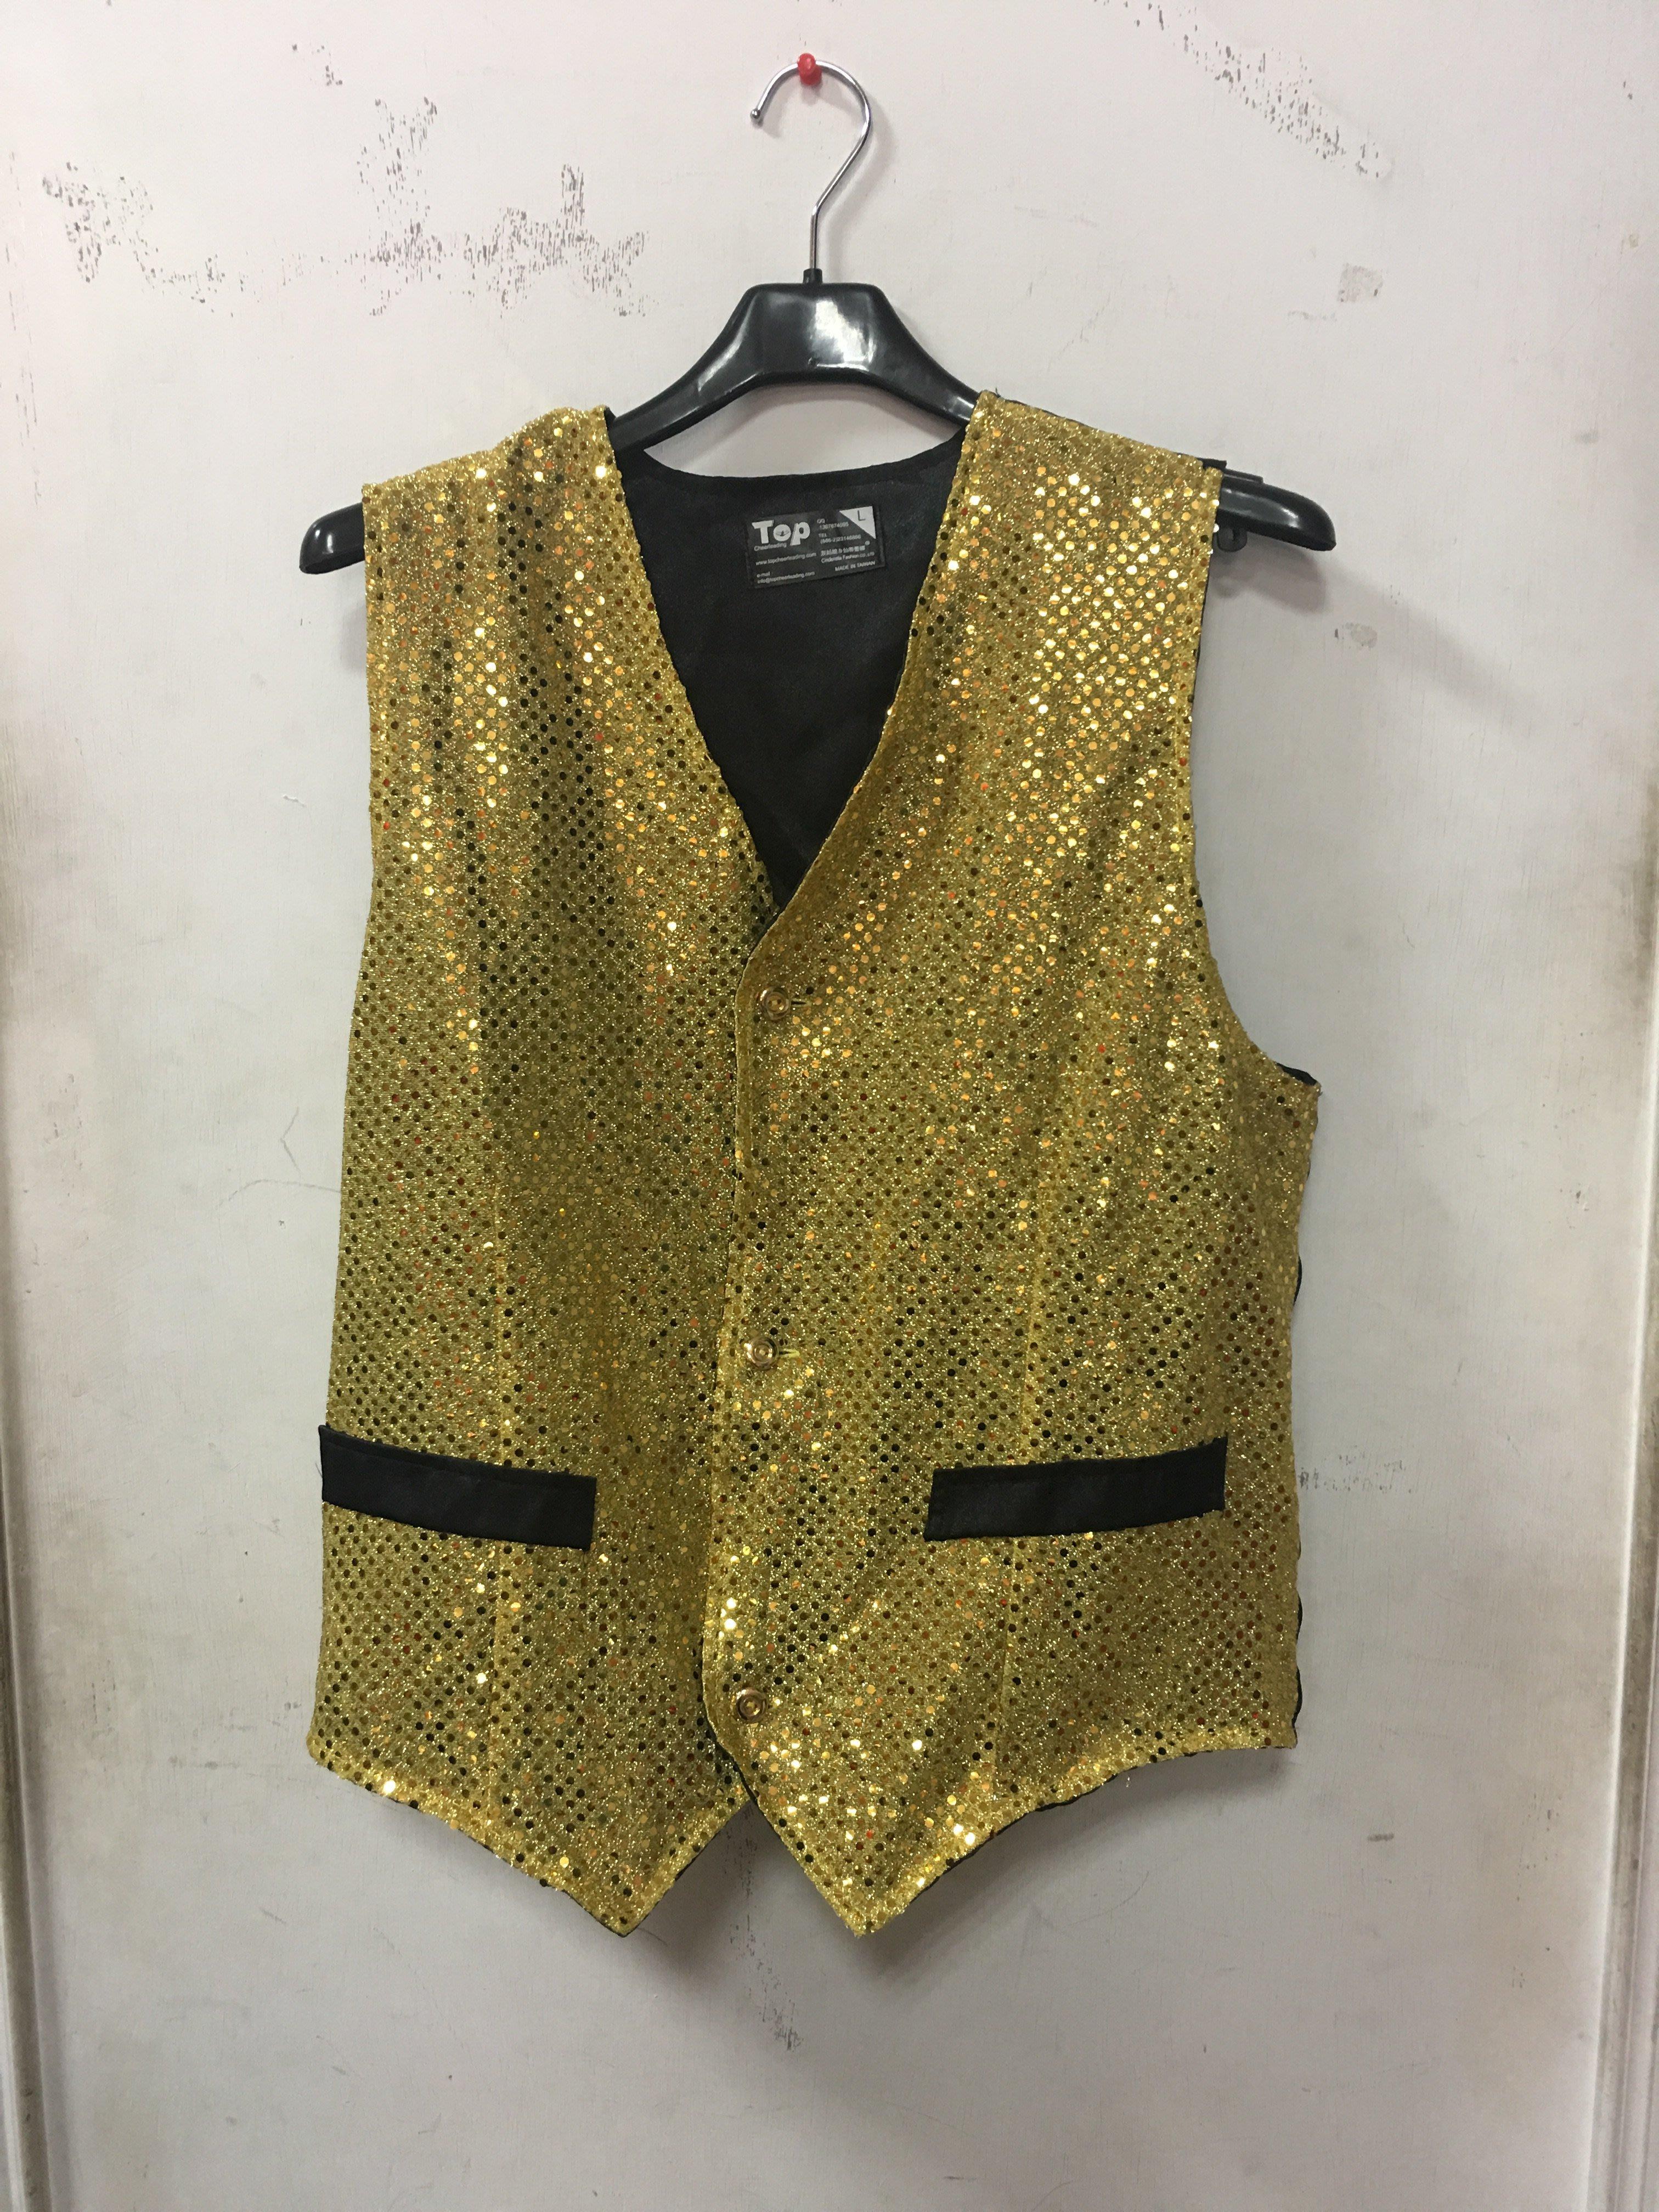 艾蜜莉舞蹈用品*表演服裝*男士亮片馬甲背心-購買中古價$350元/出租價$150元